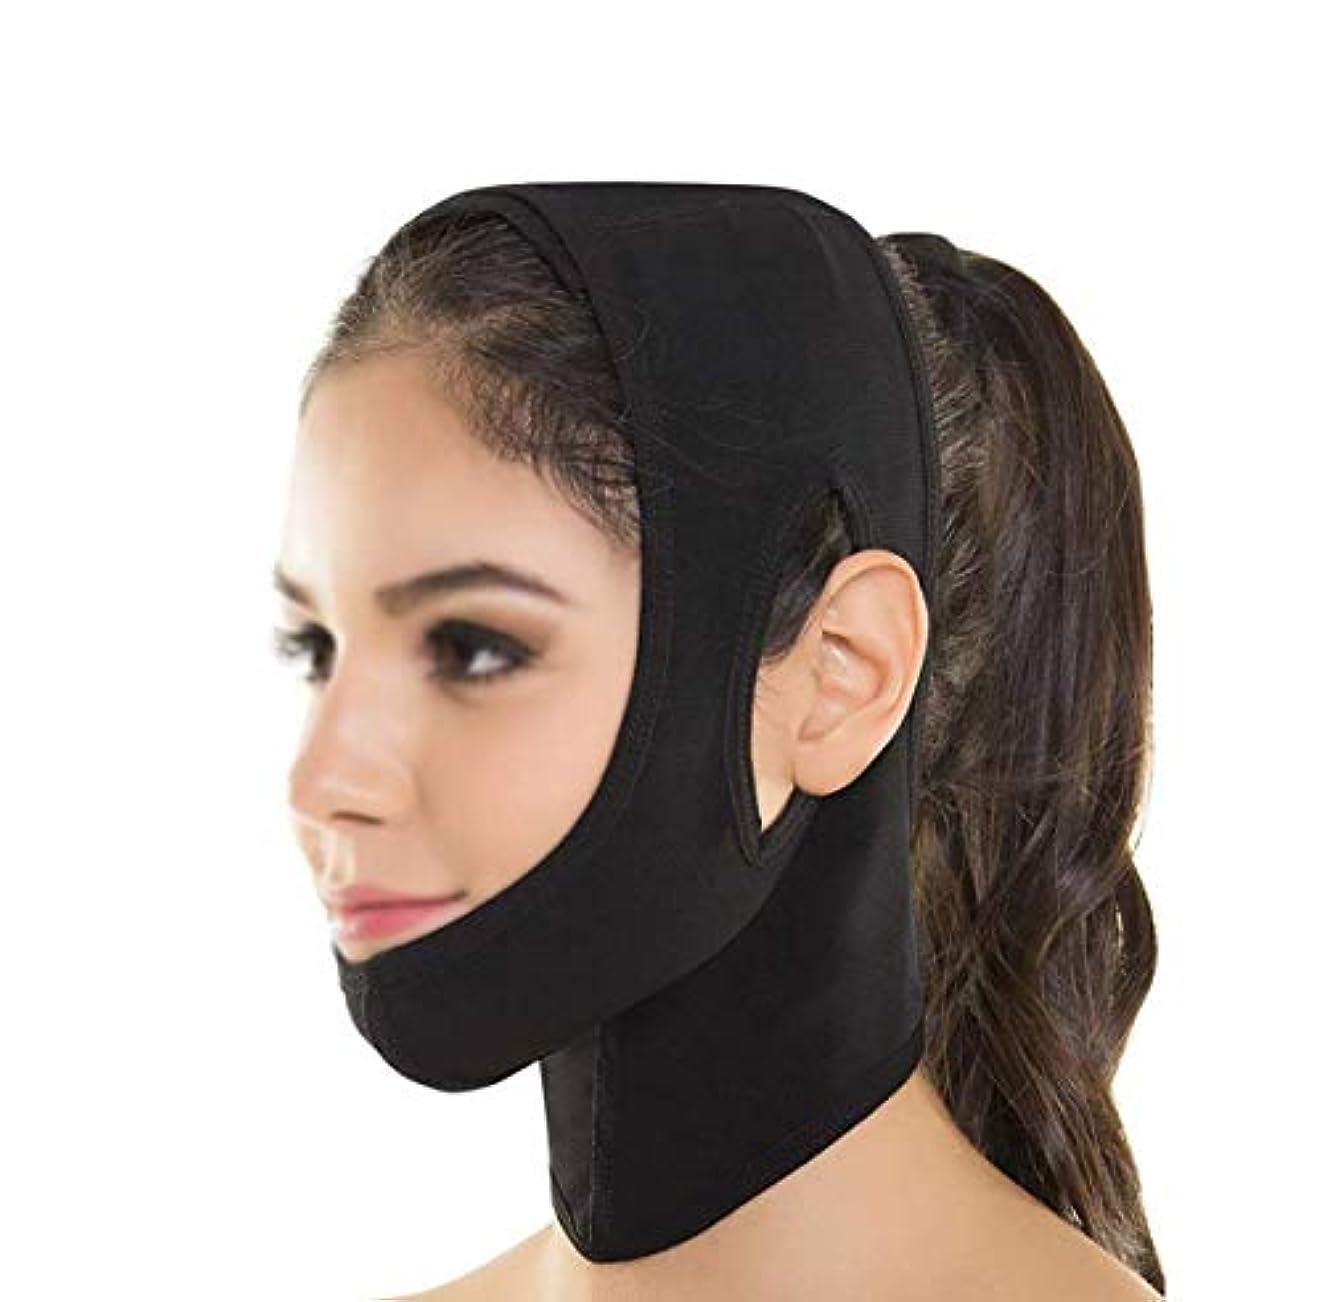 フェイスリフトマスク、シリコンVフェイスマスクリフティングフェイスマスクフェイスリフティングアーティファクトリフティングダブルチン術後包帯フェイスアンドネックリフト(カラー:ブラック),ブラック